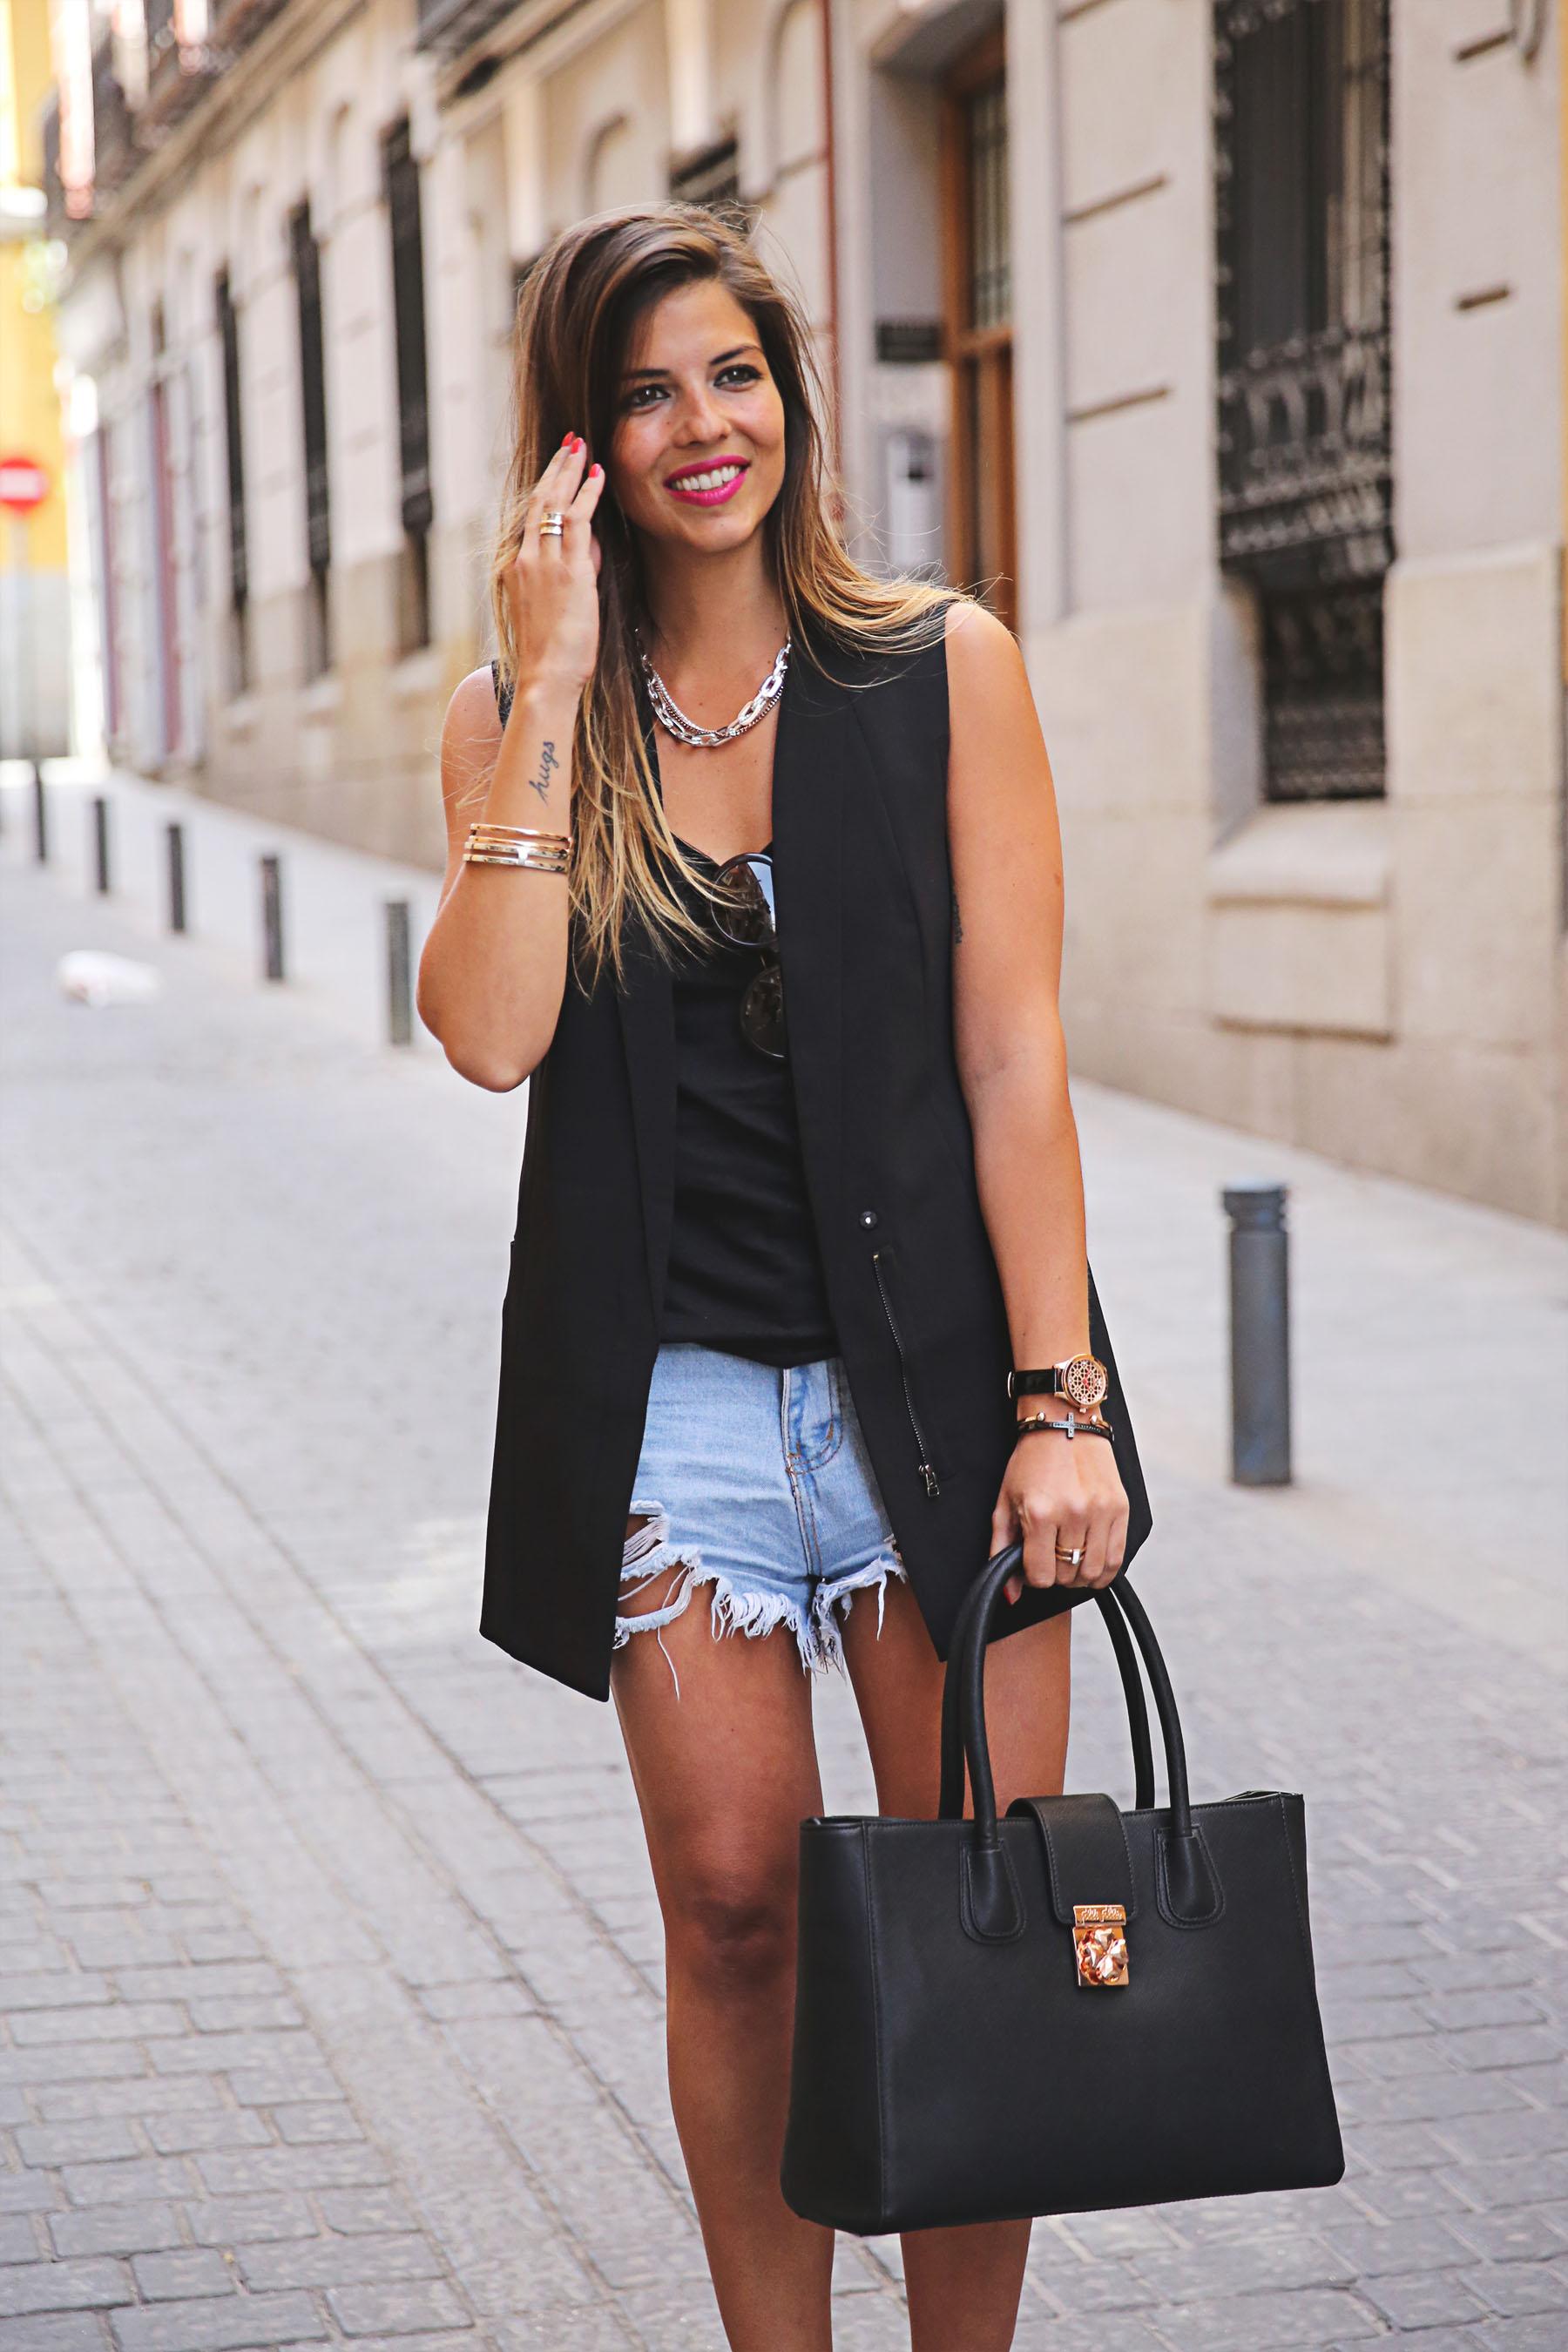 trendy-taste-look-outfit-street-style-ootd-blog-blogger-fashion-spain-moda-españa-leo-print-estiletos-mas34-leather-bag-denim-shorts-vaqueros-rotos-7